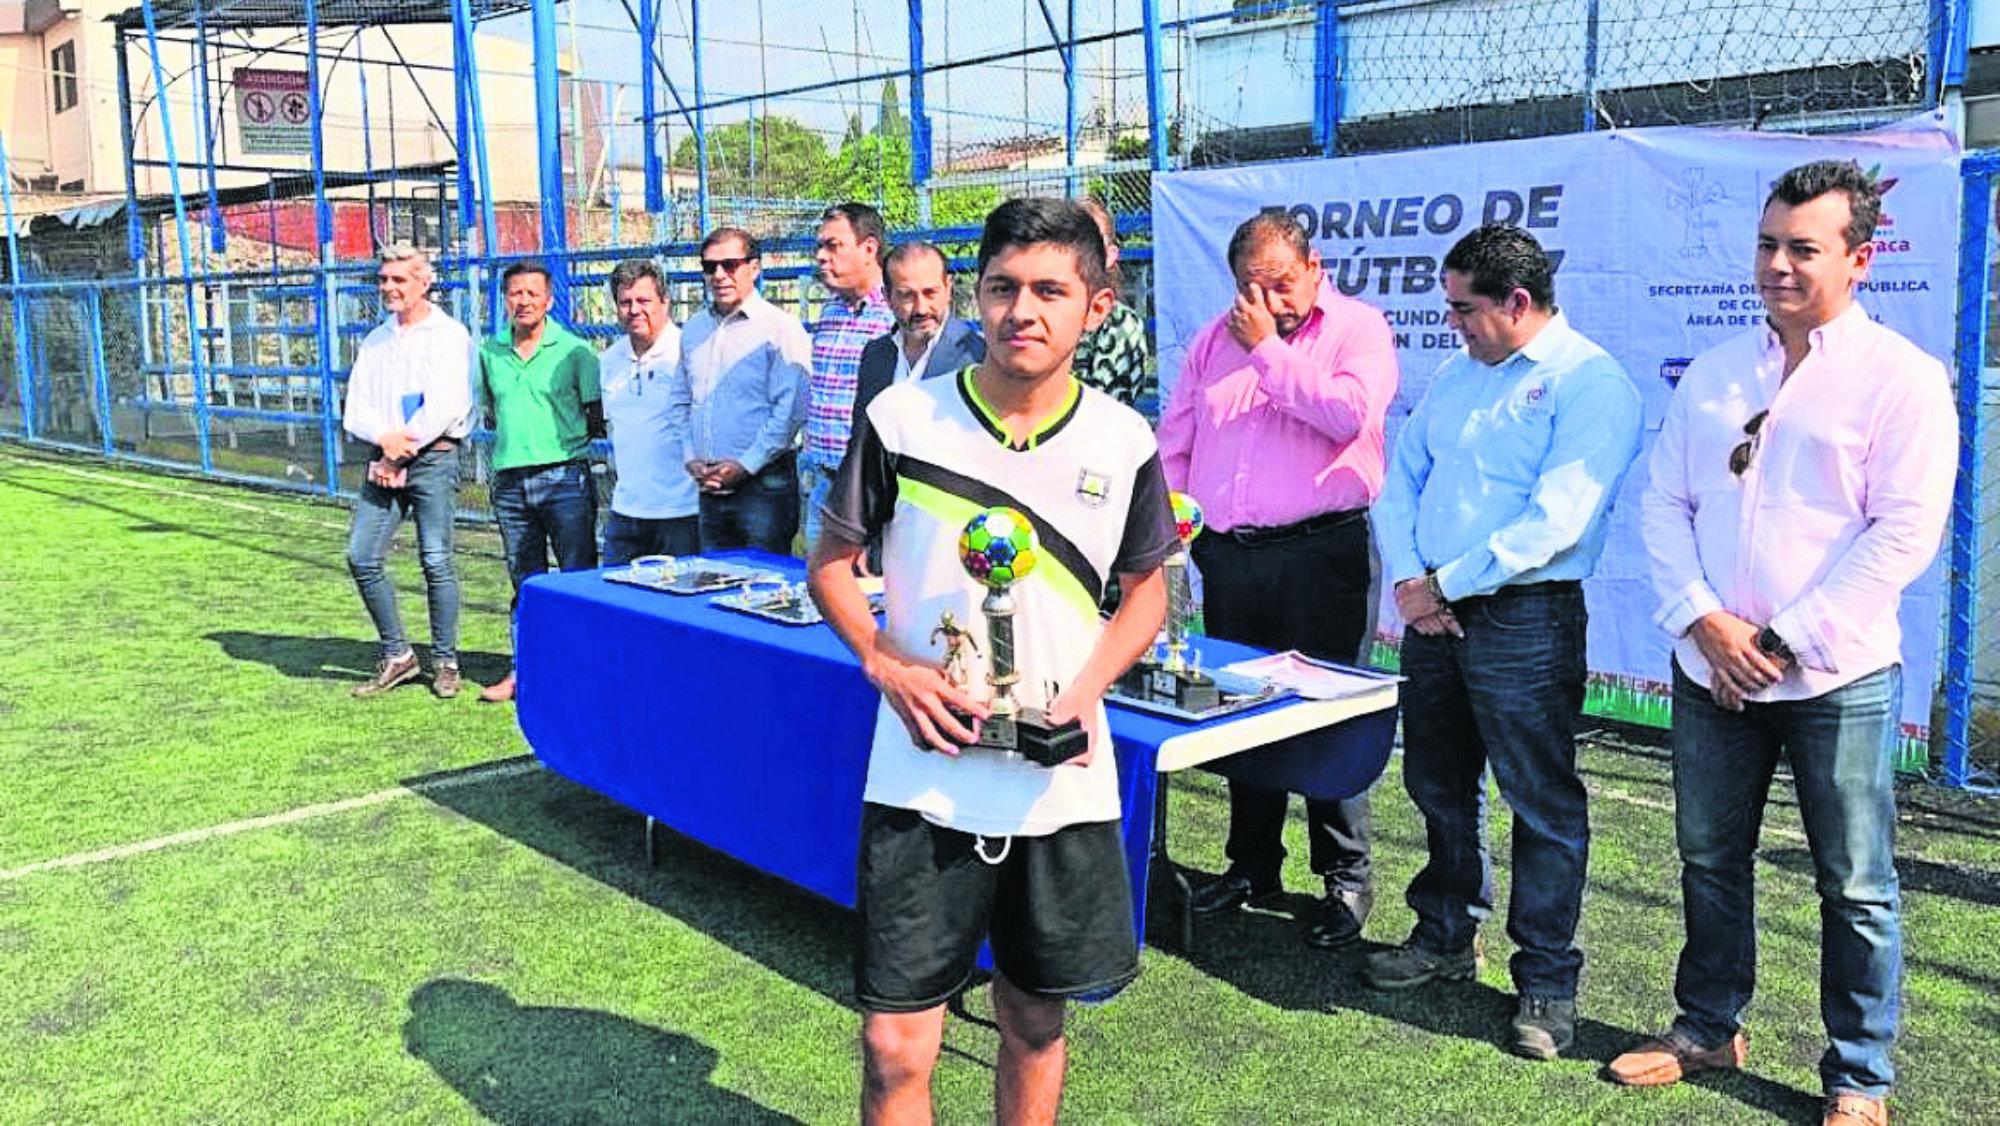 Prevención del delito Torneo de fútbol siete Morelos